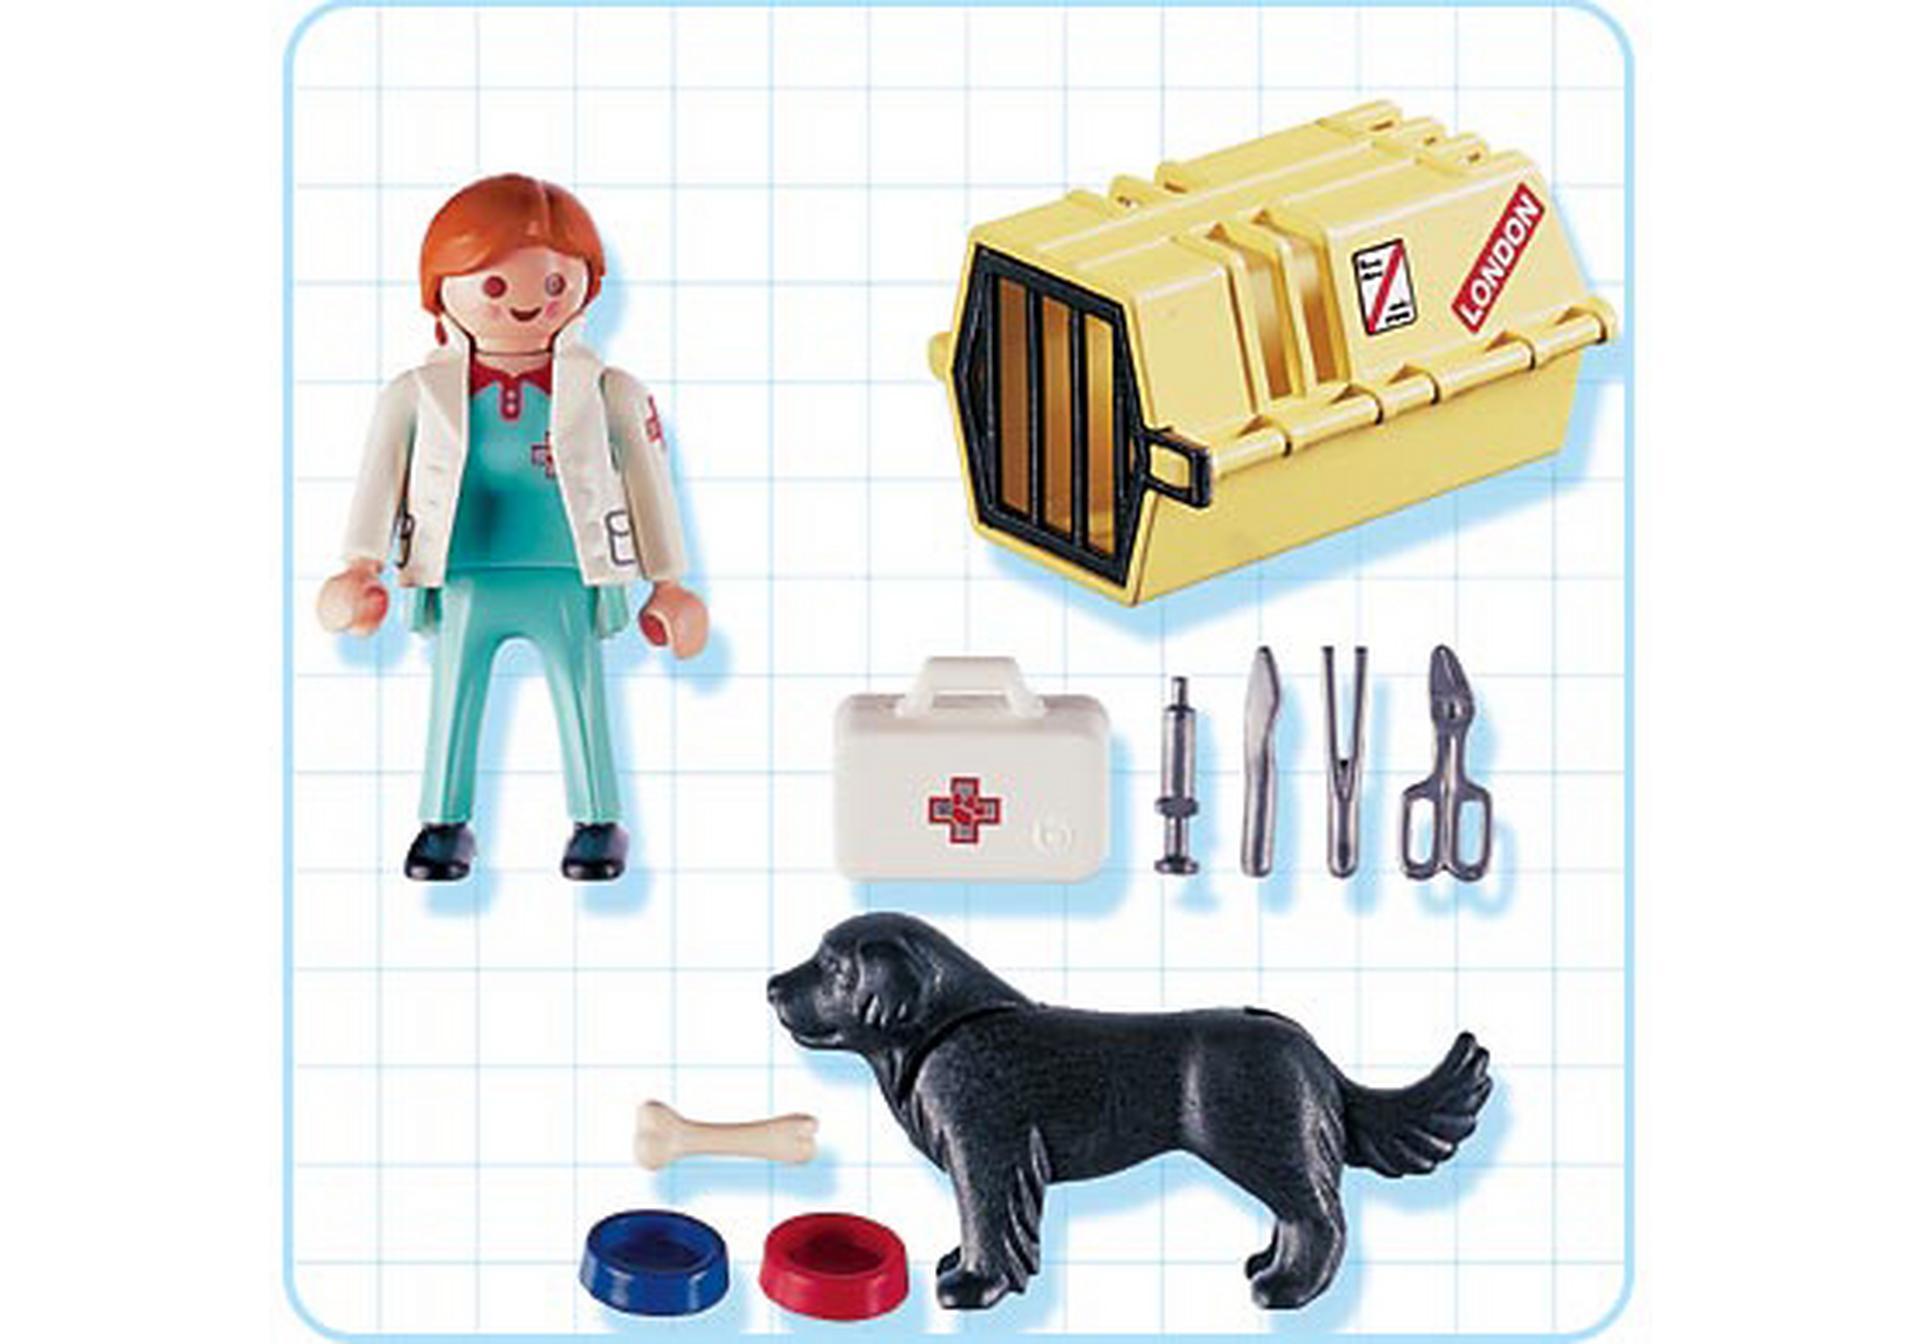 Tier rztin mit hund und flugbox 4317 a playmobil schweiz for Jugendzimmer playmobil